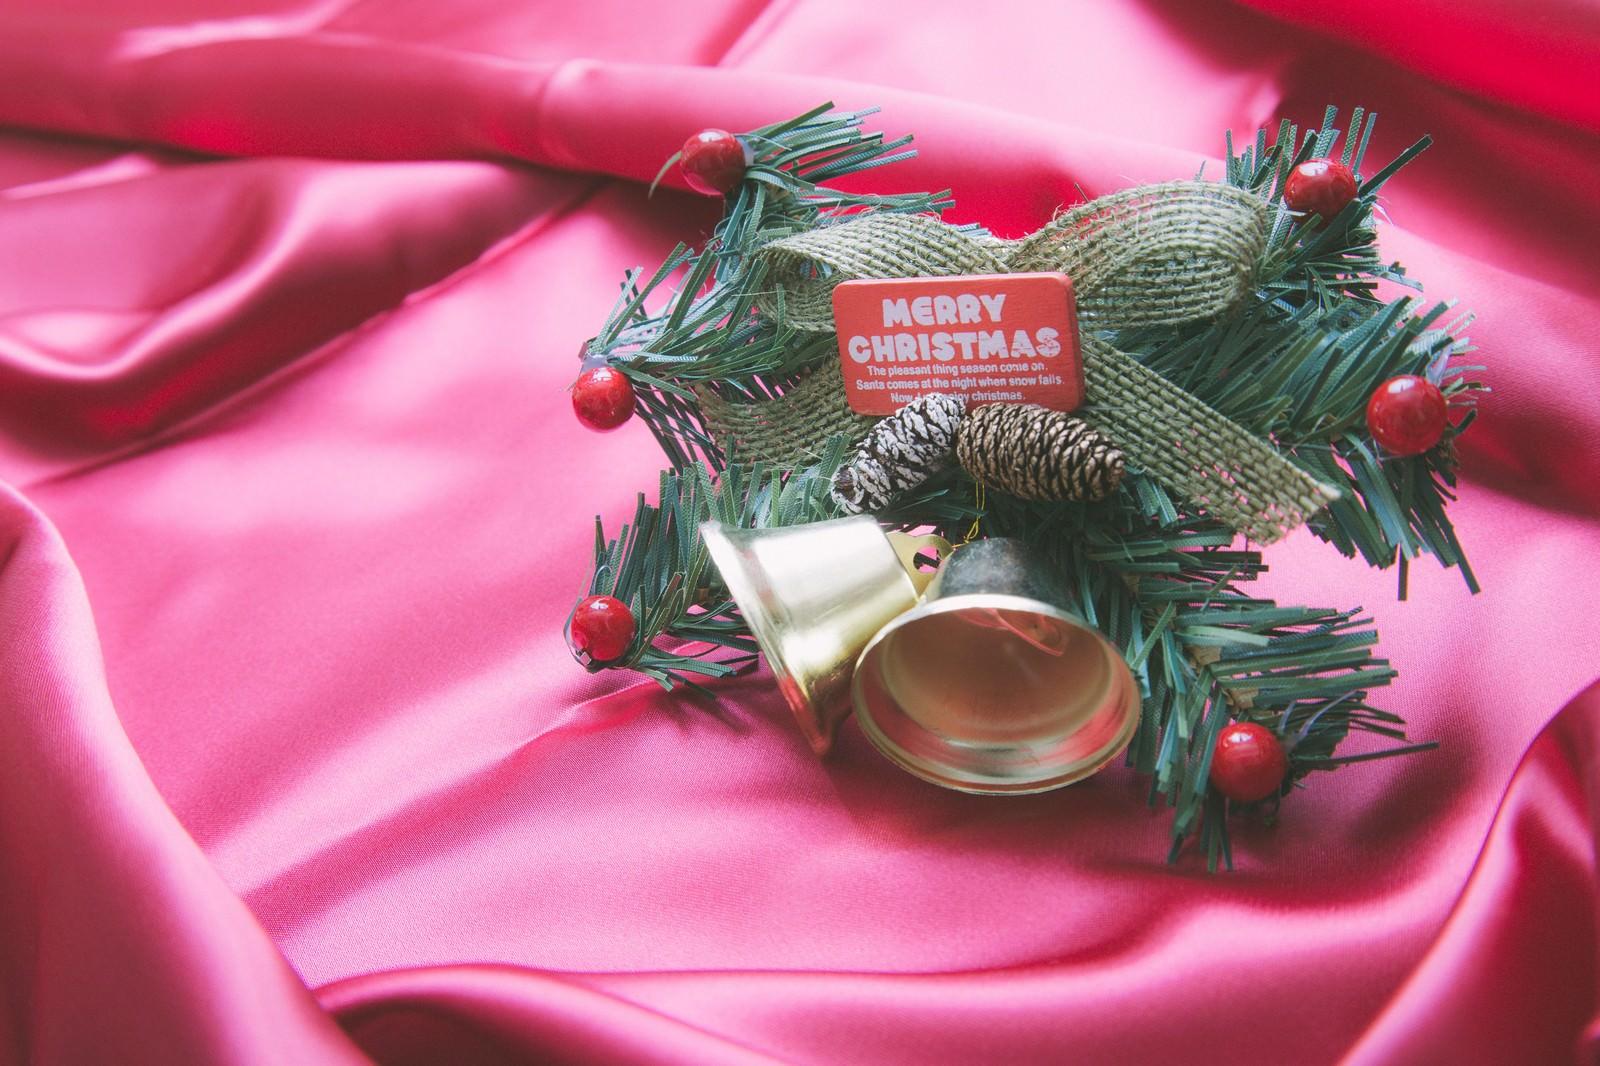 「MERRY CHRISTMAS」の写真